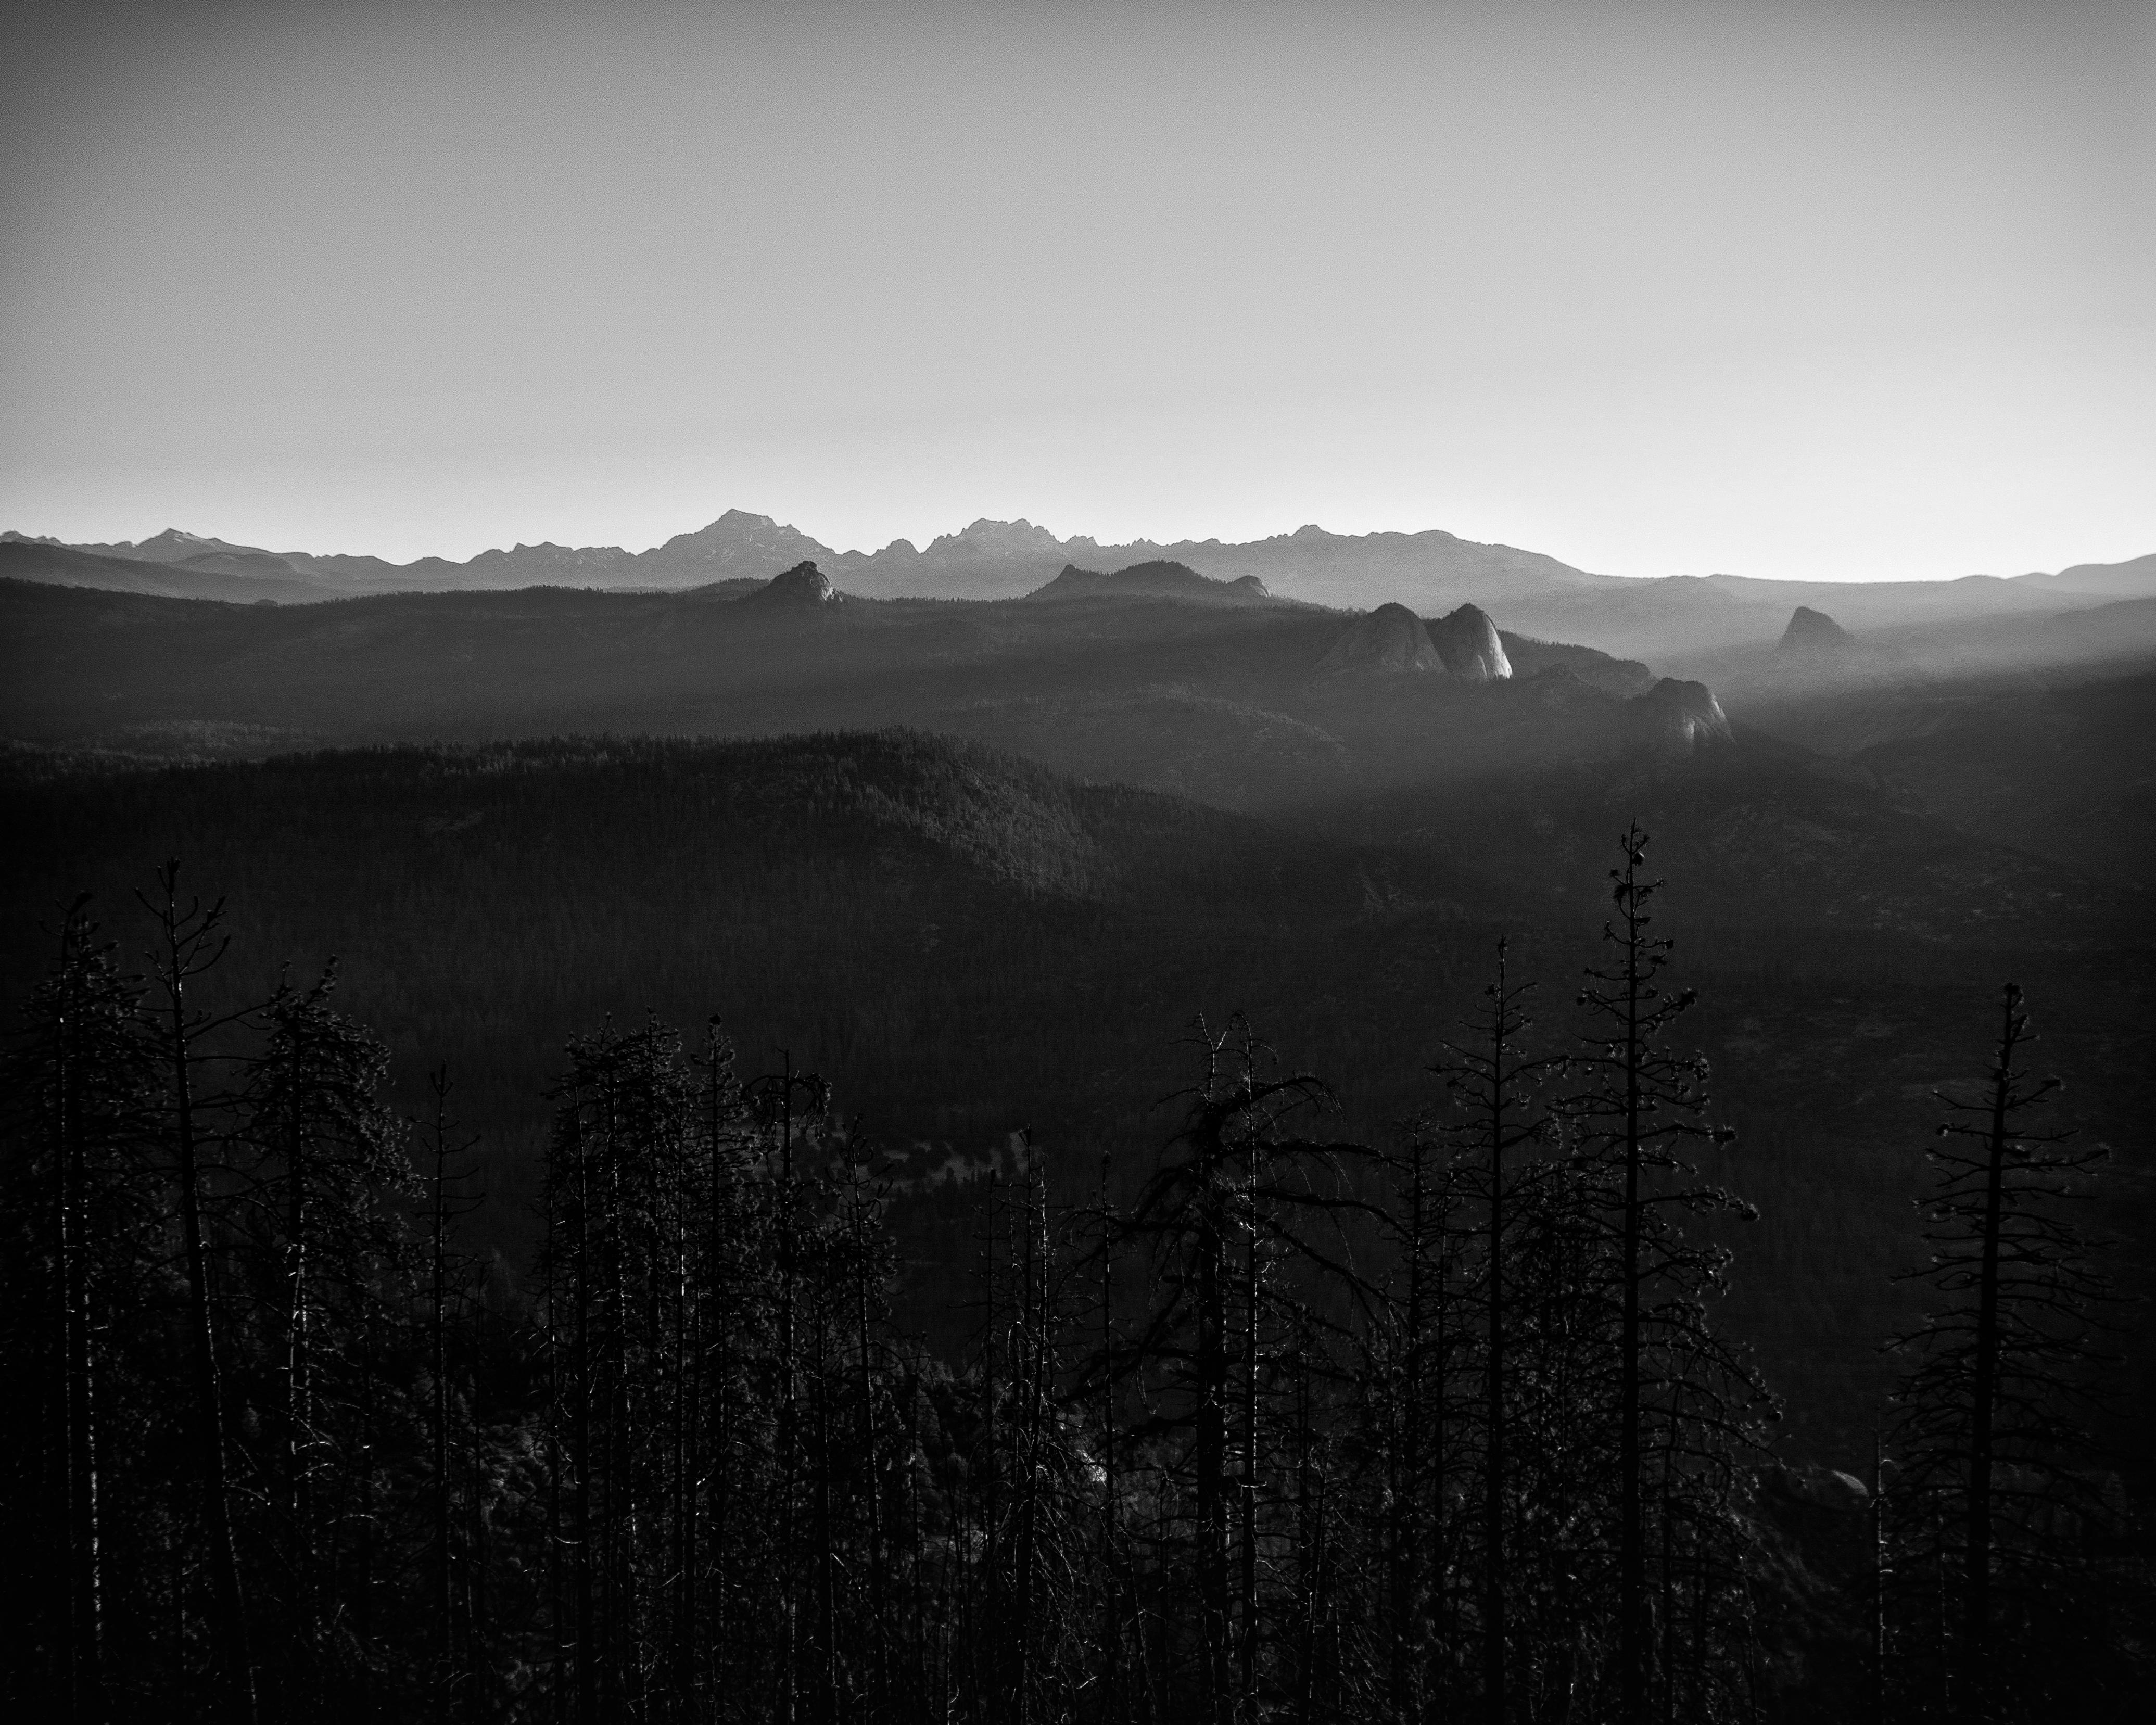 Sierra Peaks Silhouette